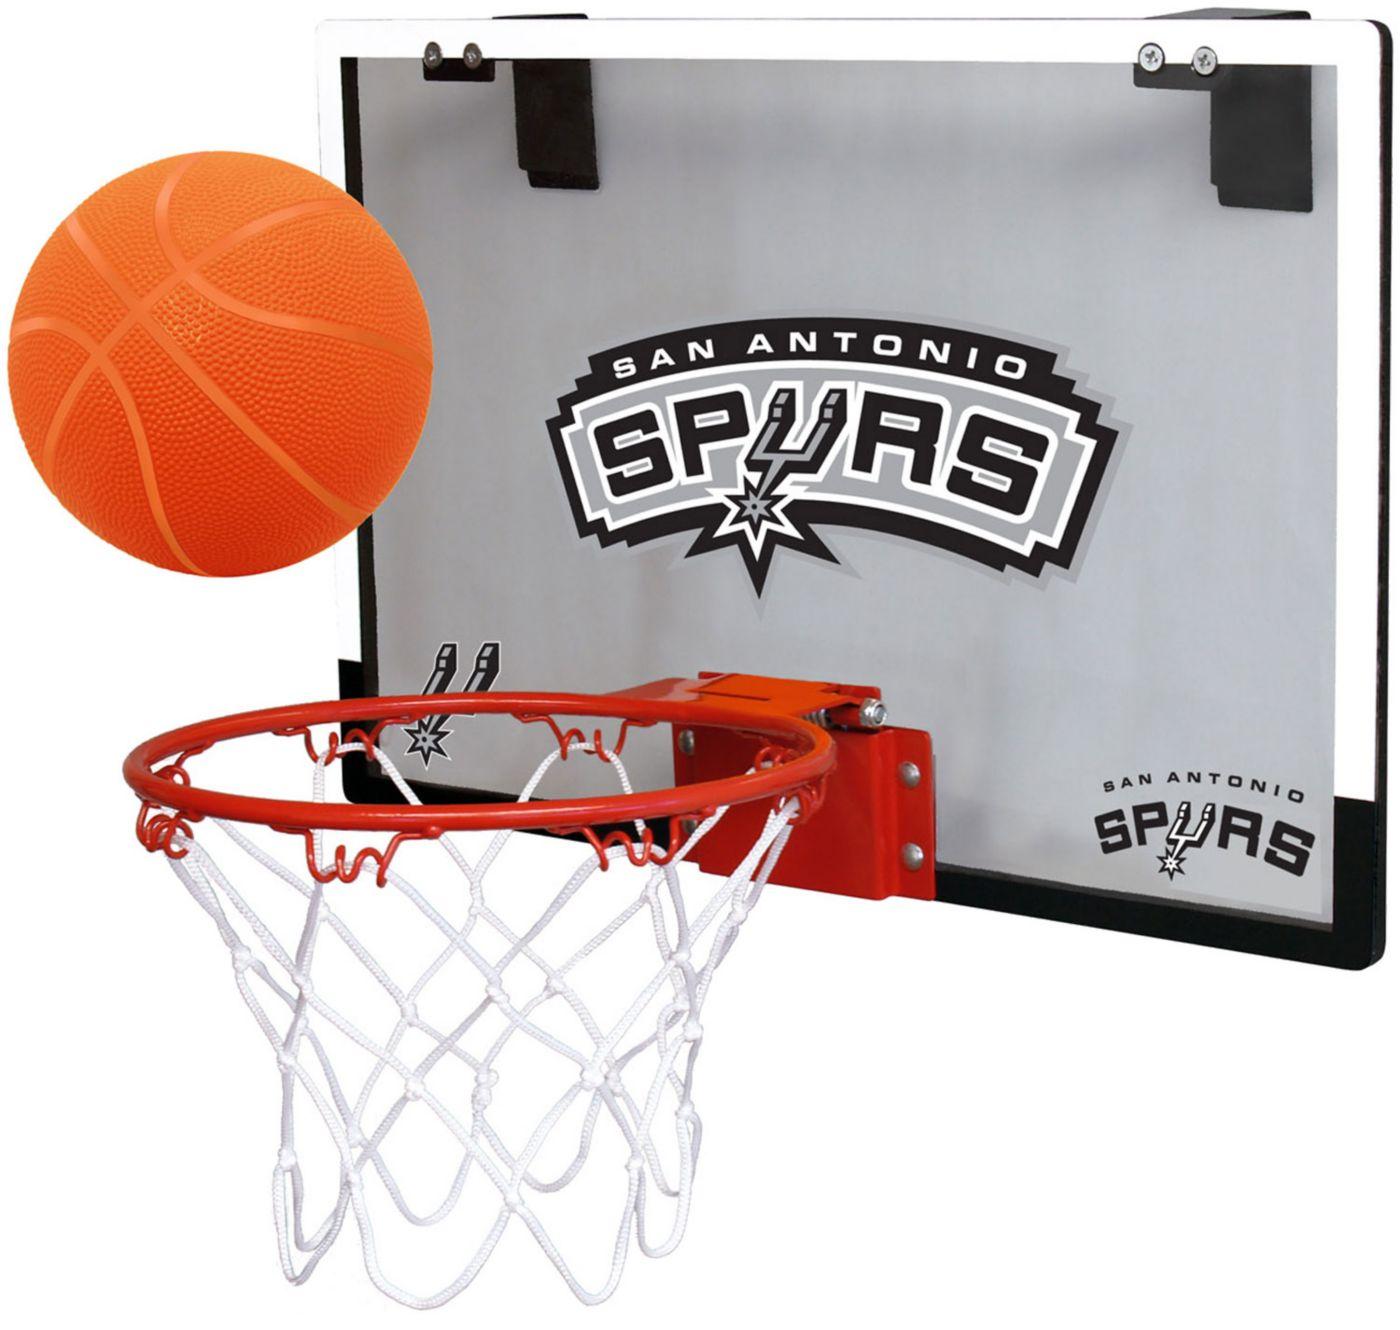 Rawlings San Antonio Spurs Game On Backboard Hoop Set